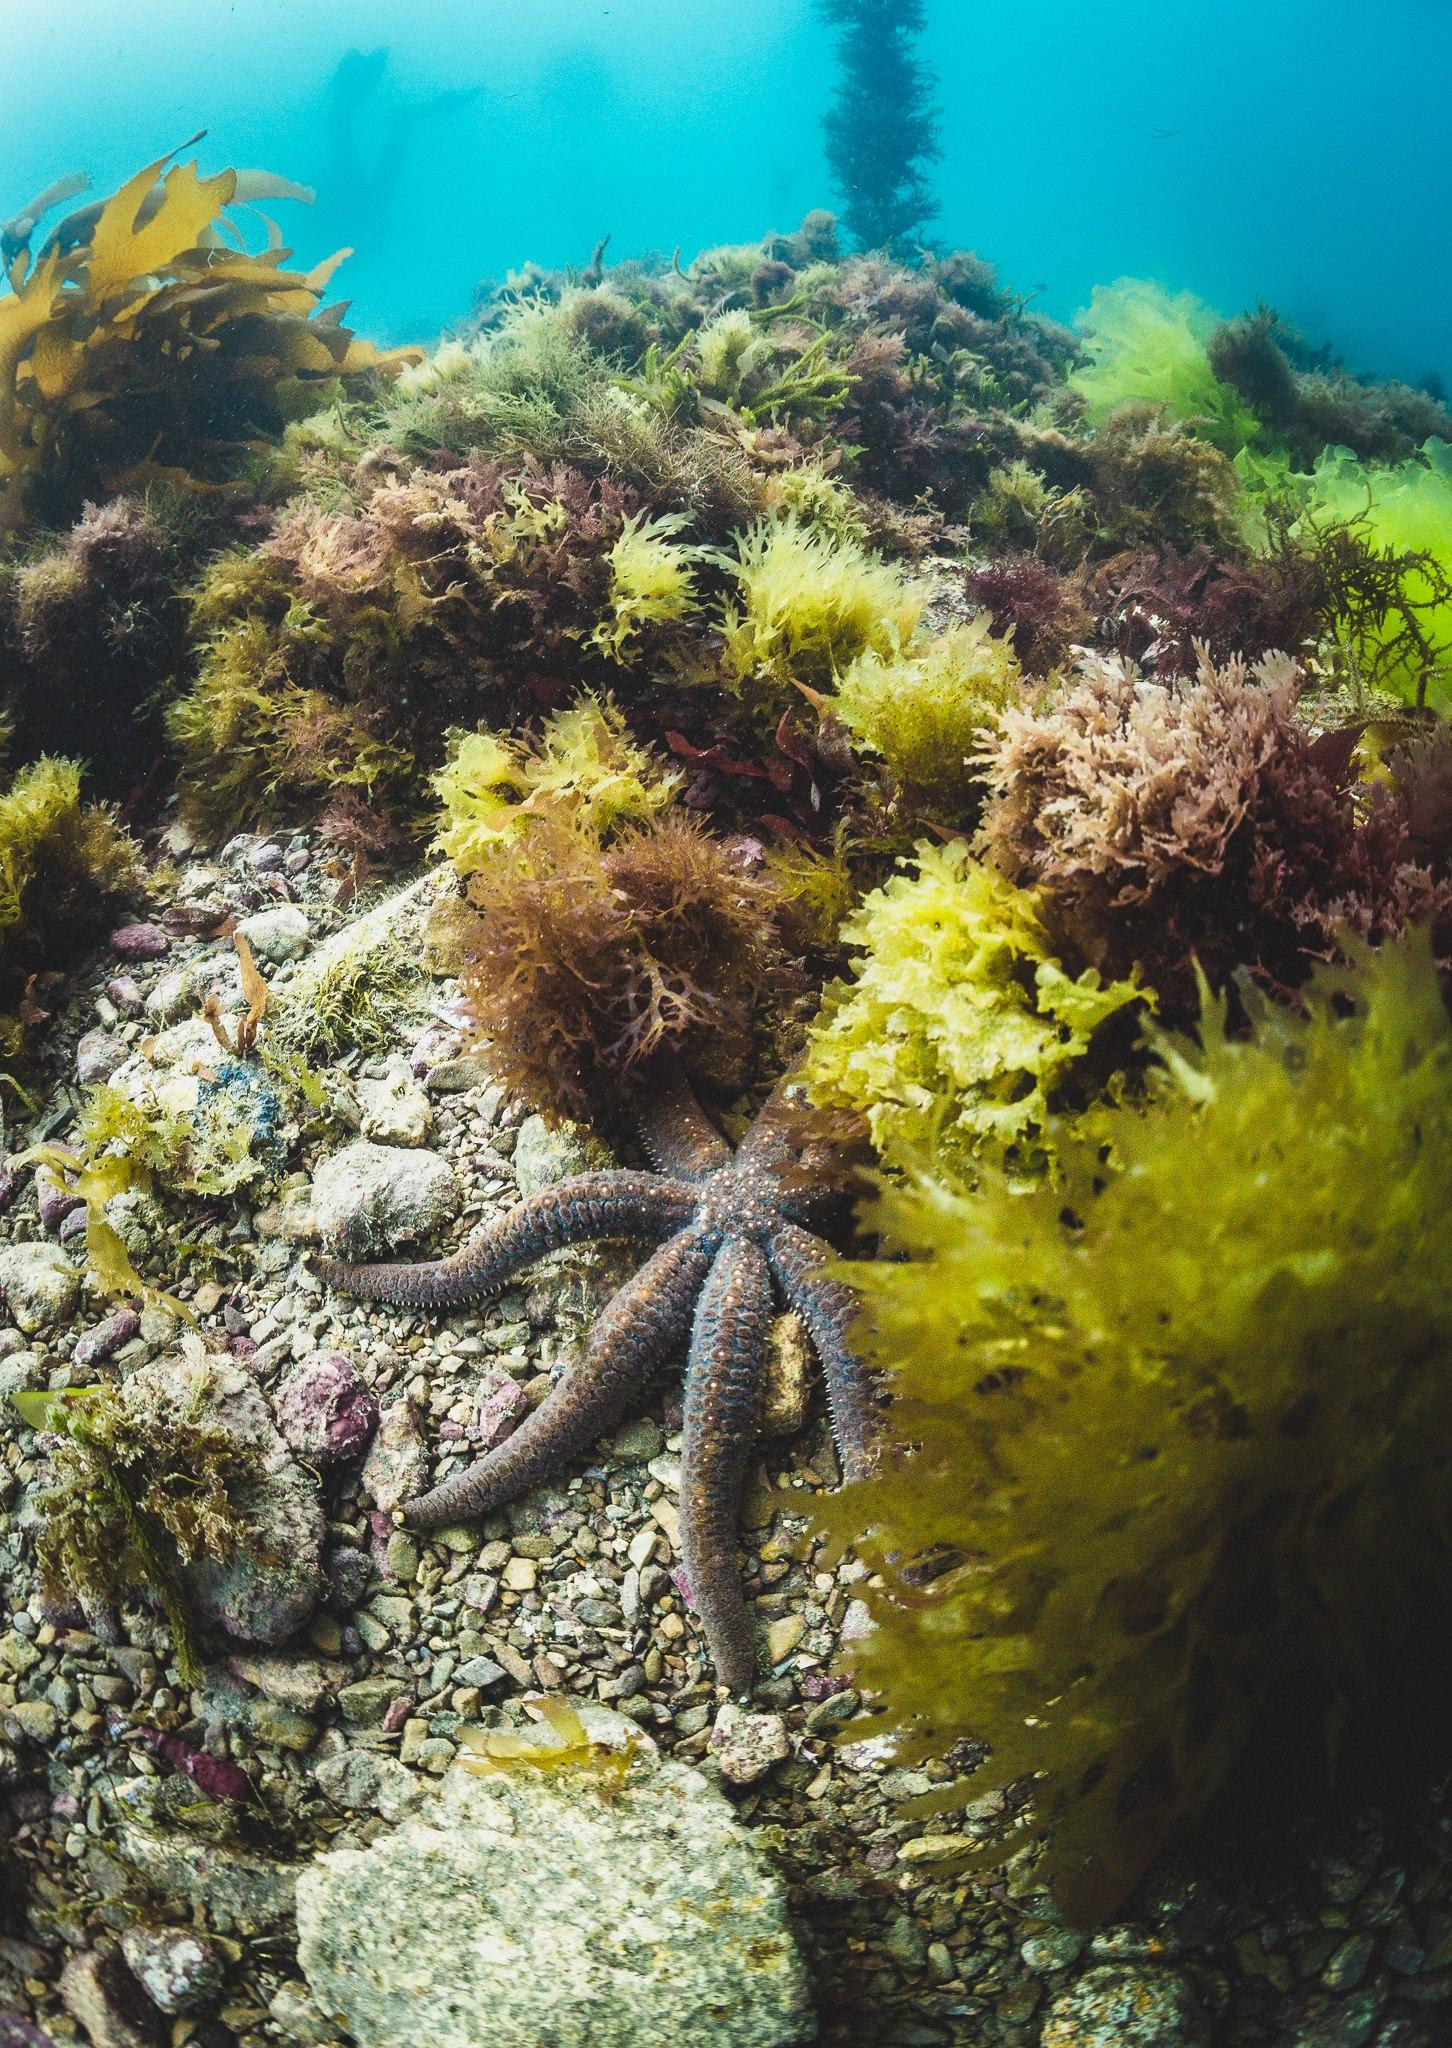 Hikurangi Marine Reserve